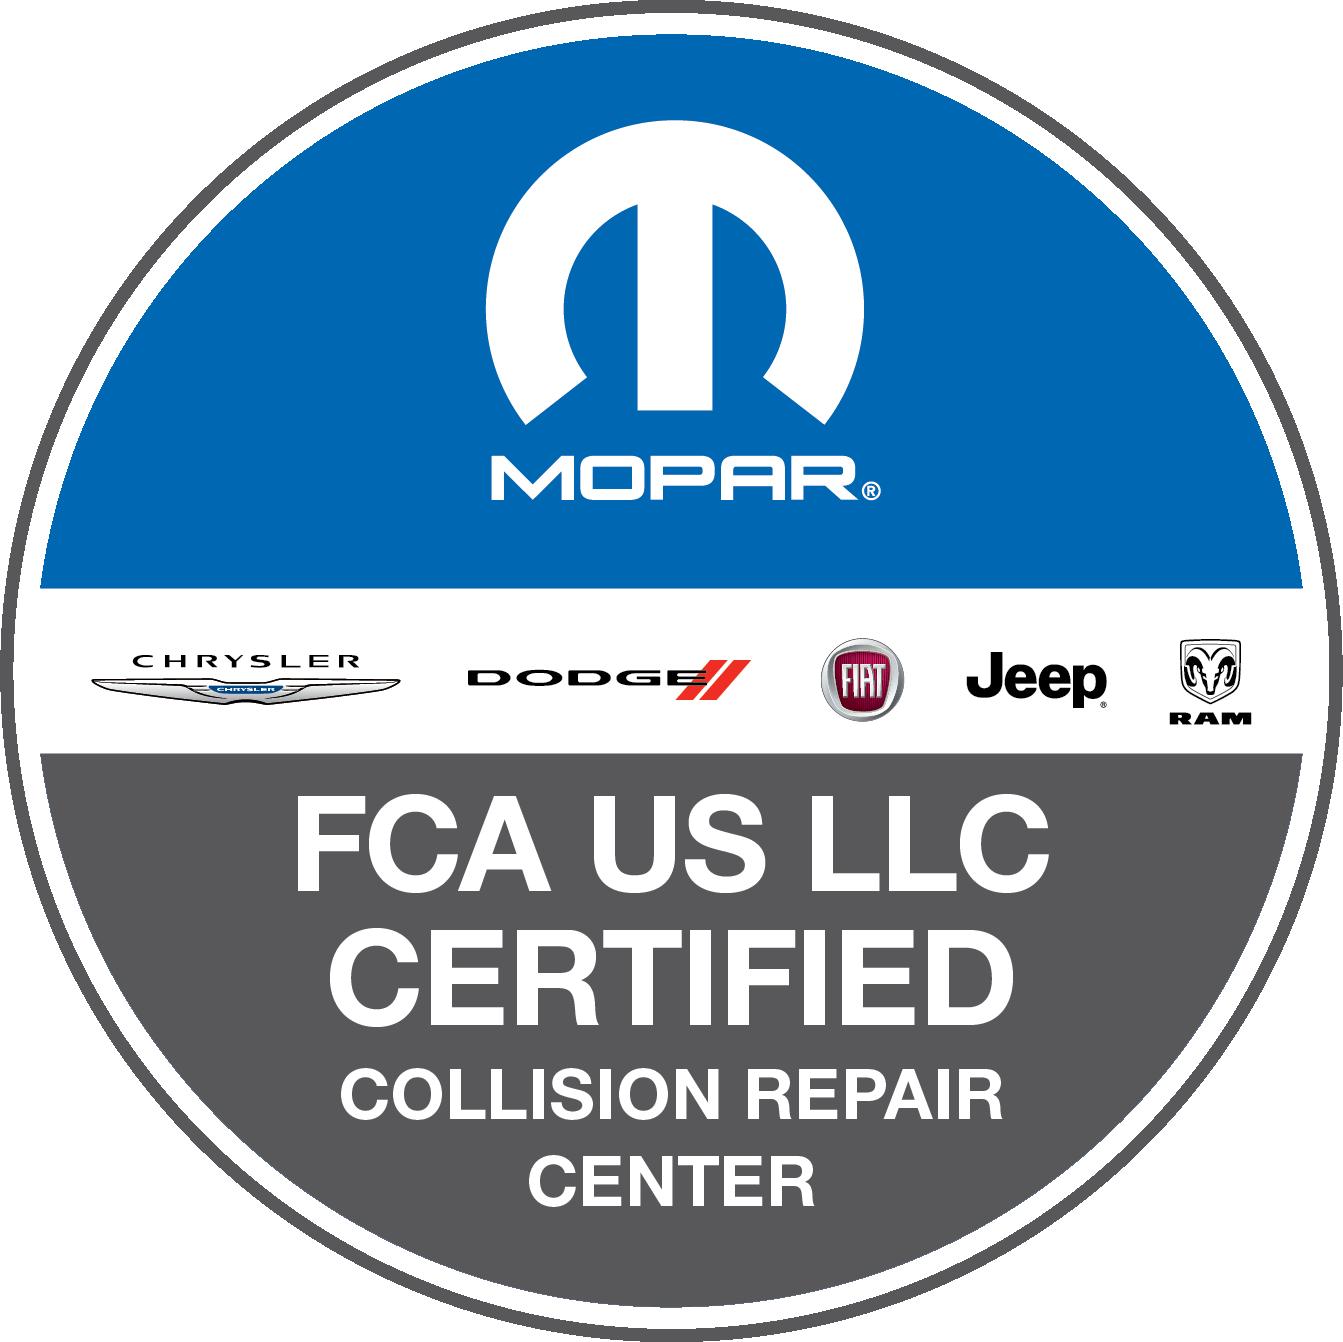 https://autosportcollisionrepair.com/wp-content/uploads/2019/06/17_FCA_Cert_Collision_4C.png